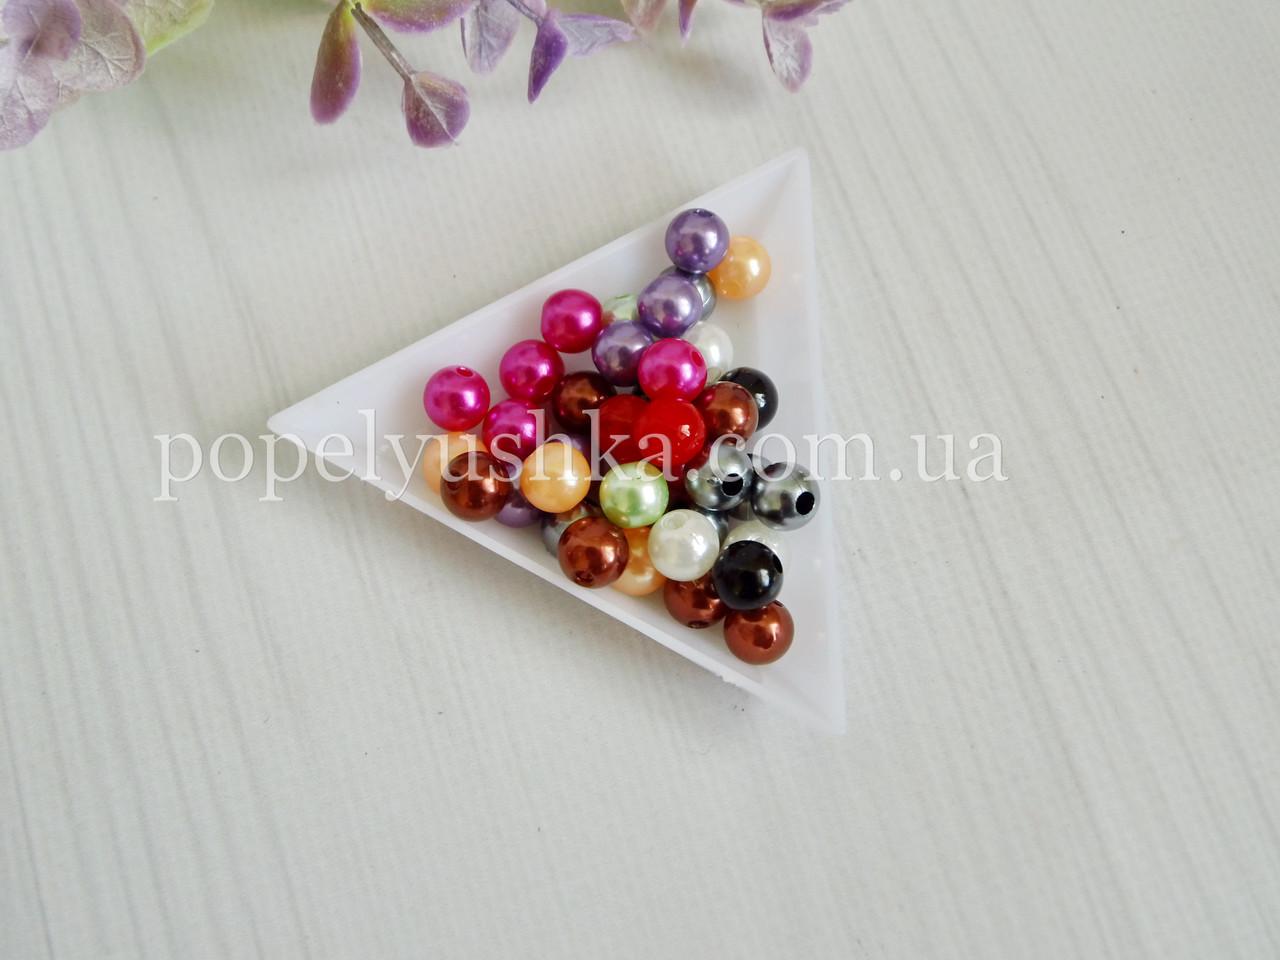 Перлини скляні 4 мм мікс (50 шт.)